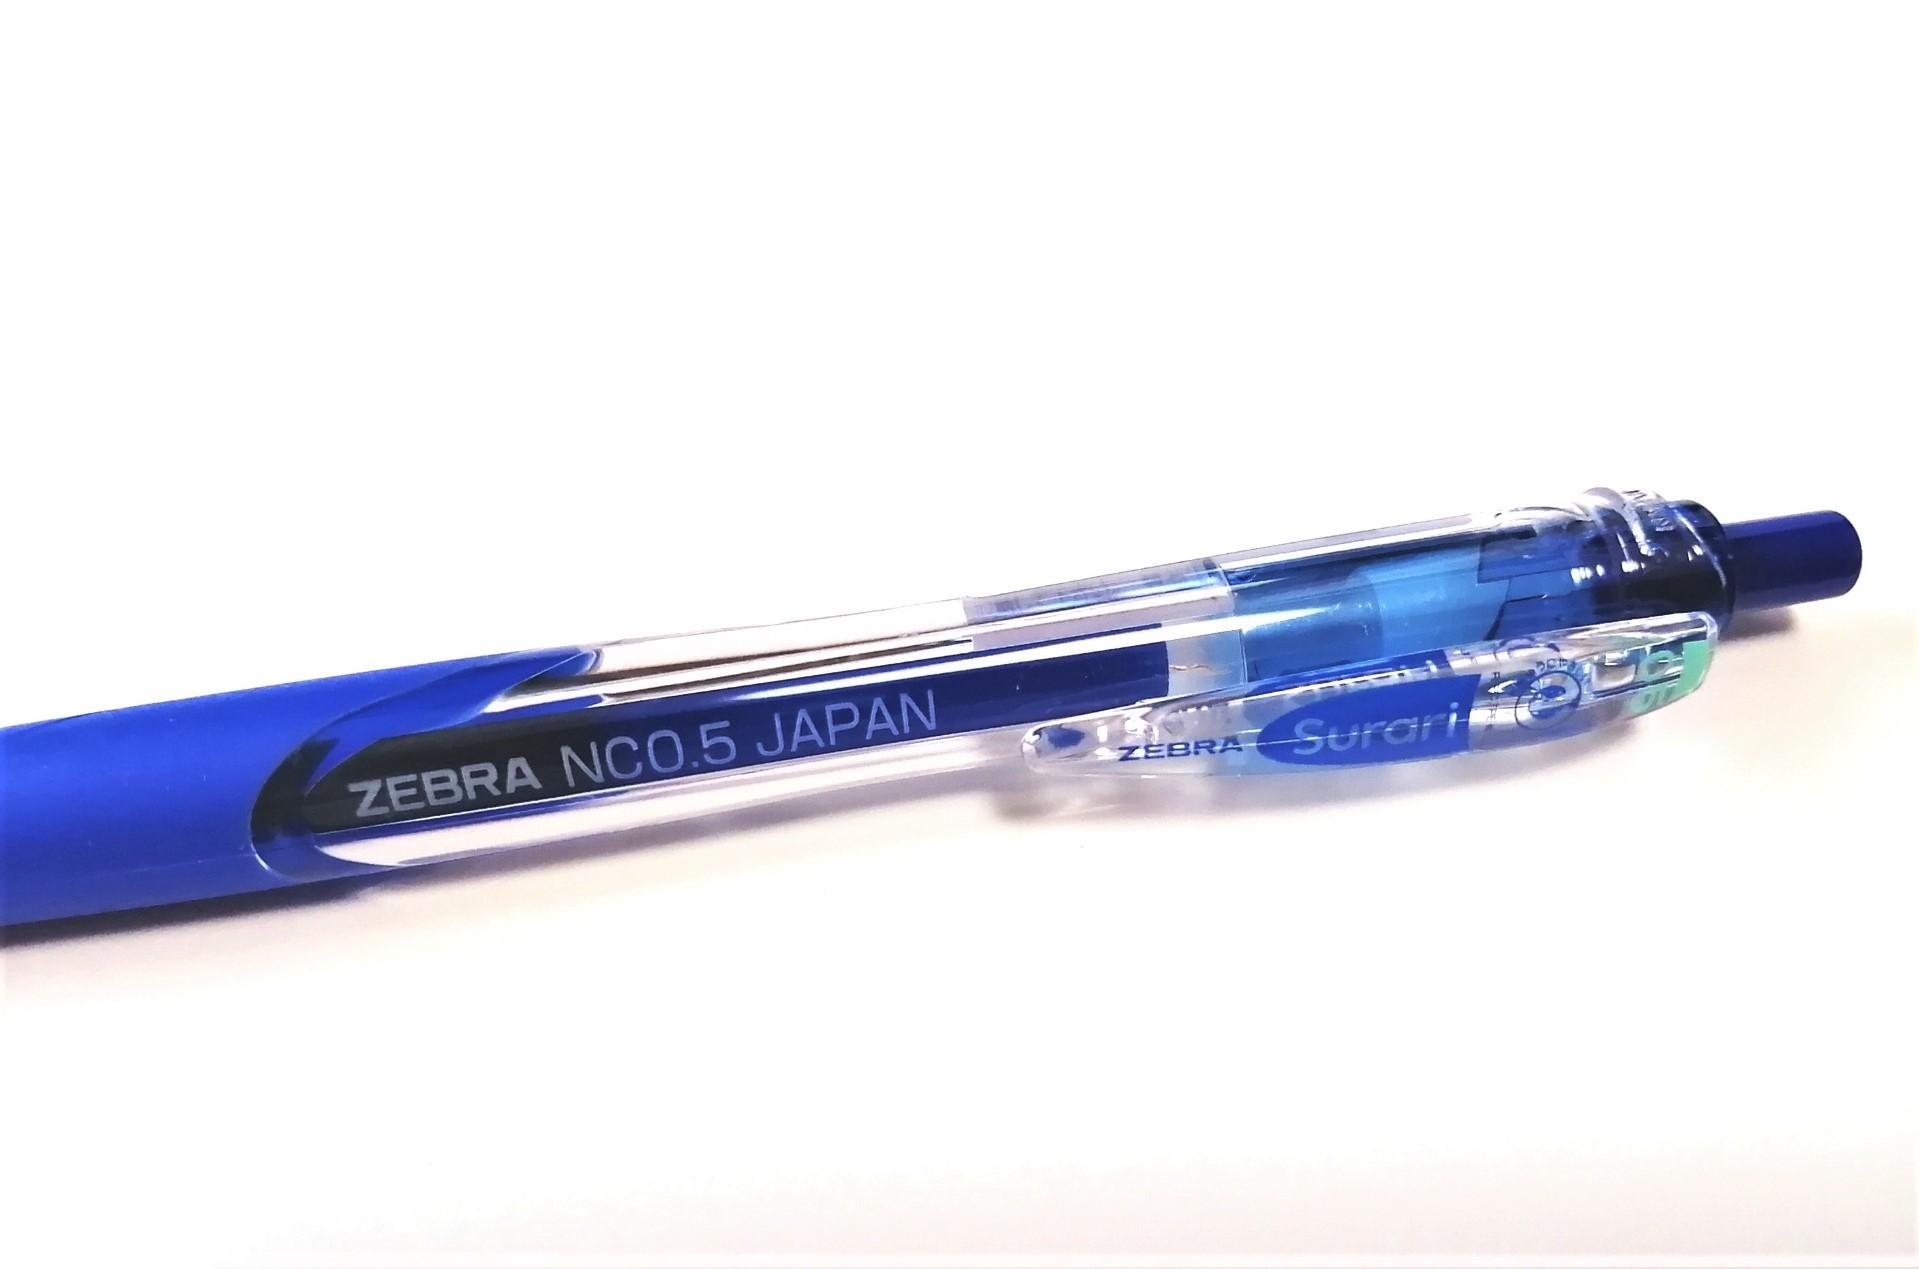 油性の青ボールペンの魅力を考える会・その2(調査対象1)。_f0220714_11433361.jpg